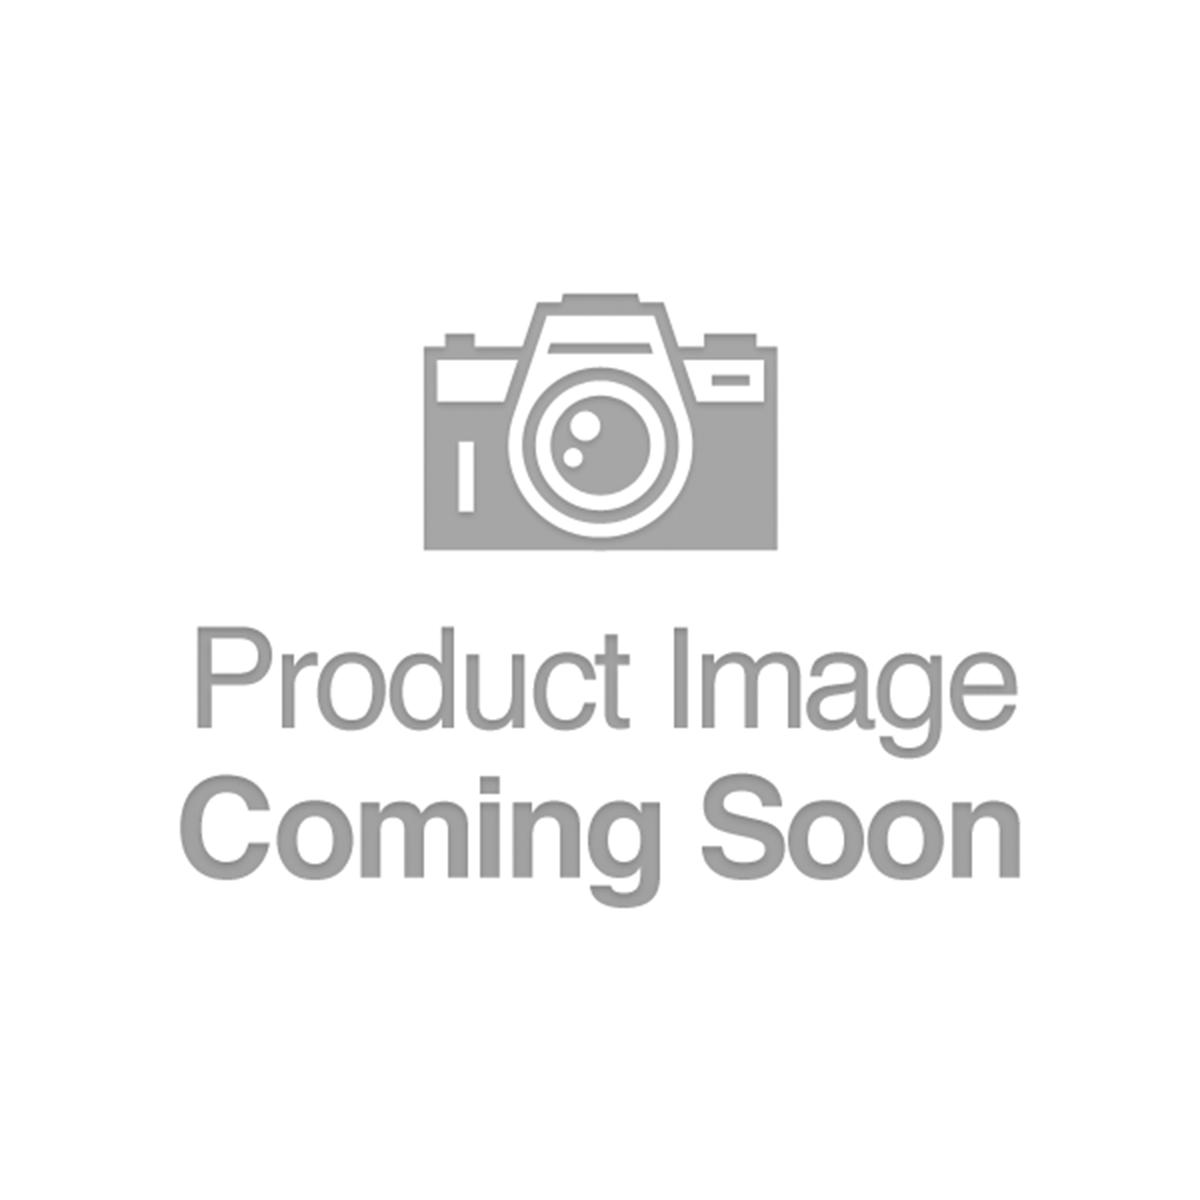 Mancos - Colorado - CH 9674 - FR 601 - PMG 20